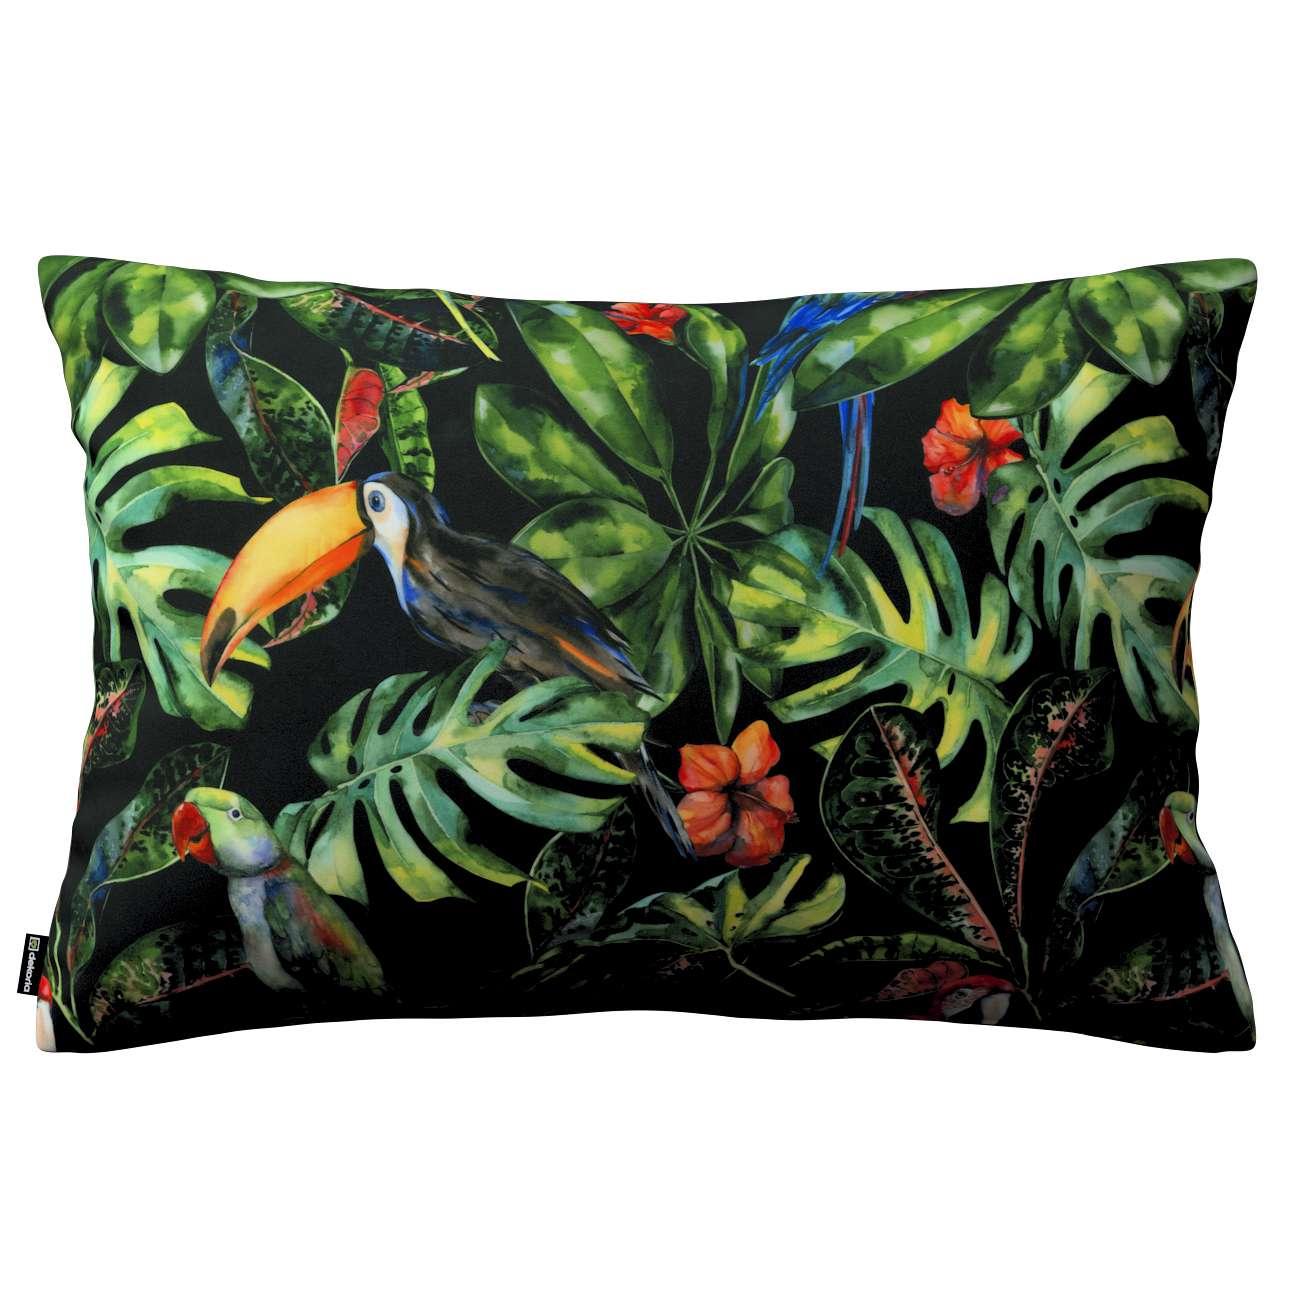 Poszewka Kinga na poduszkę prostokątną w kolekcji Velvet, tkanina: 704-28